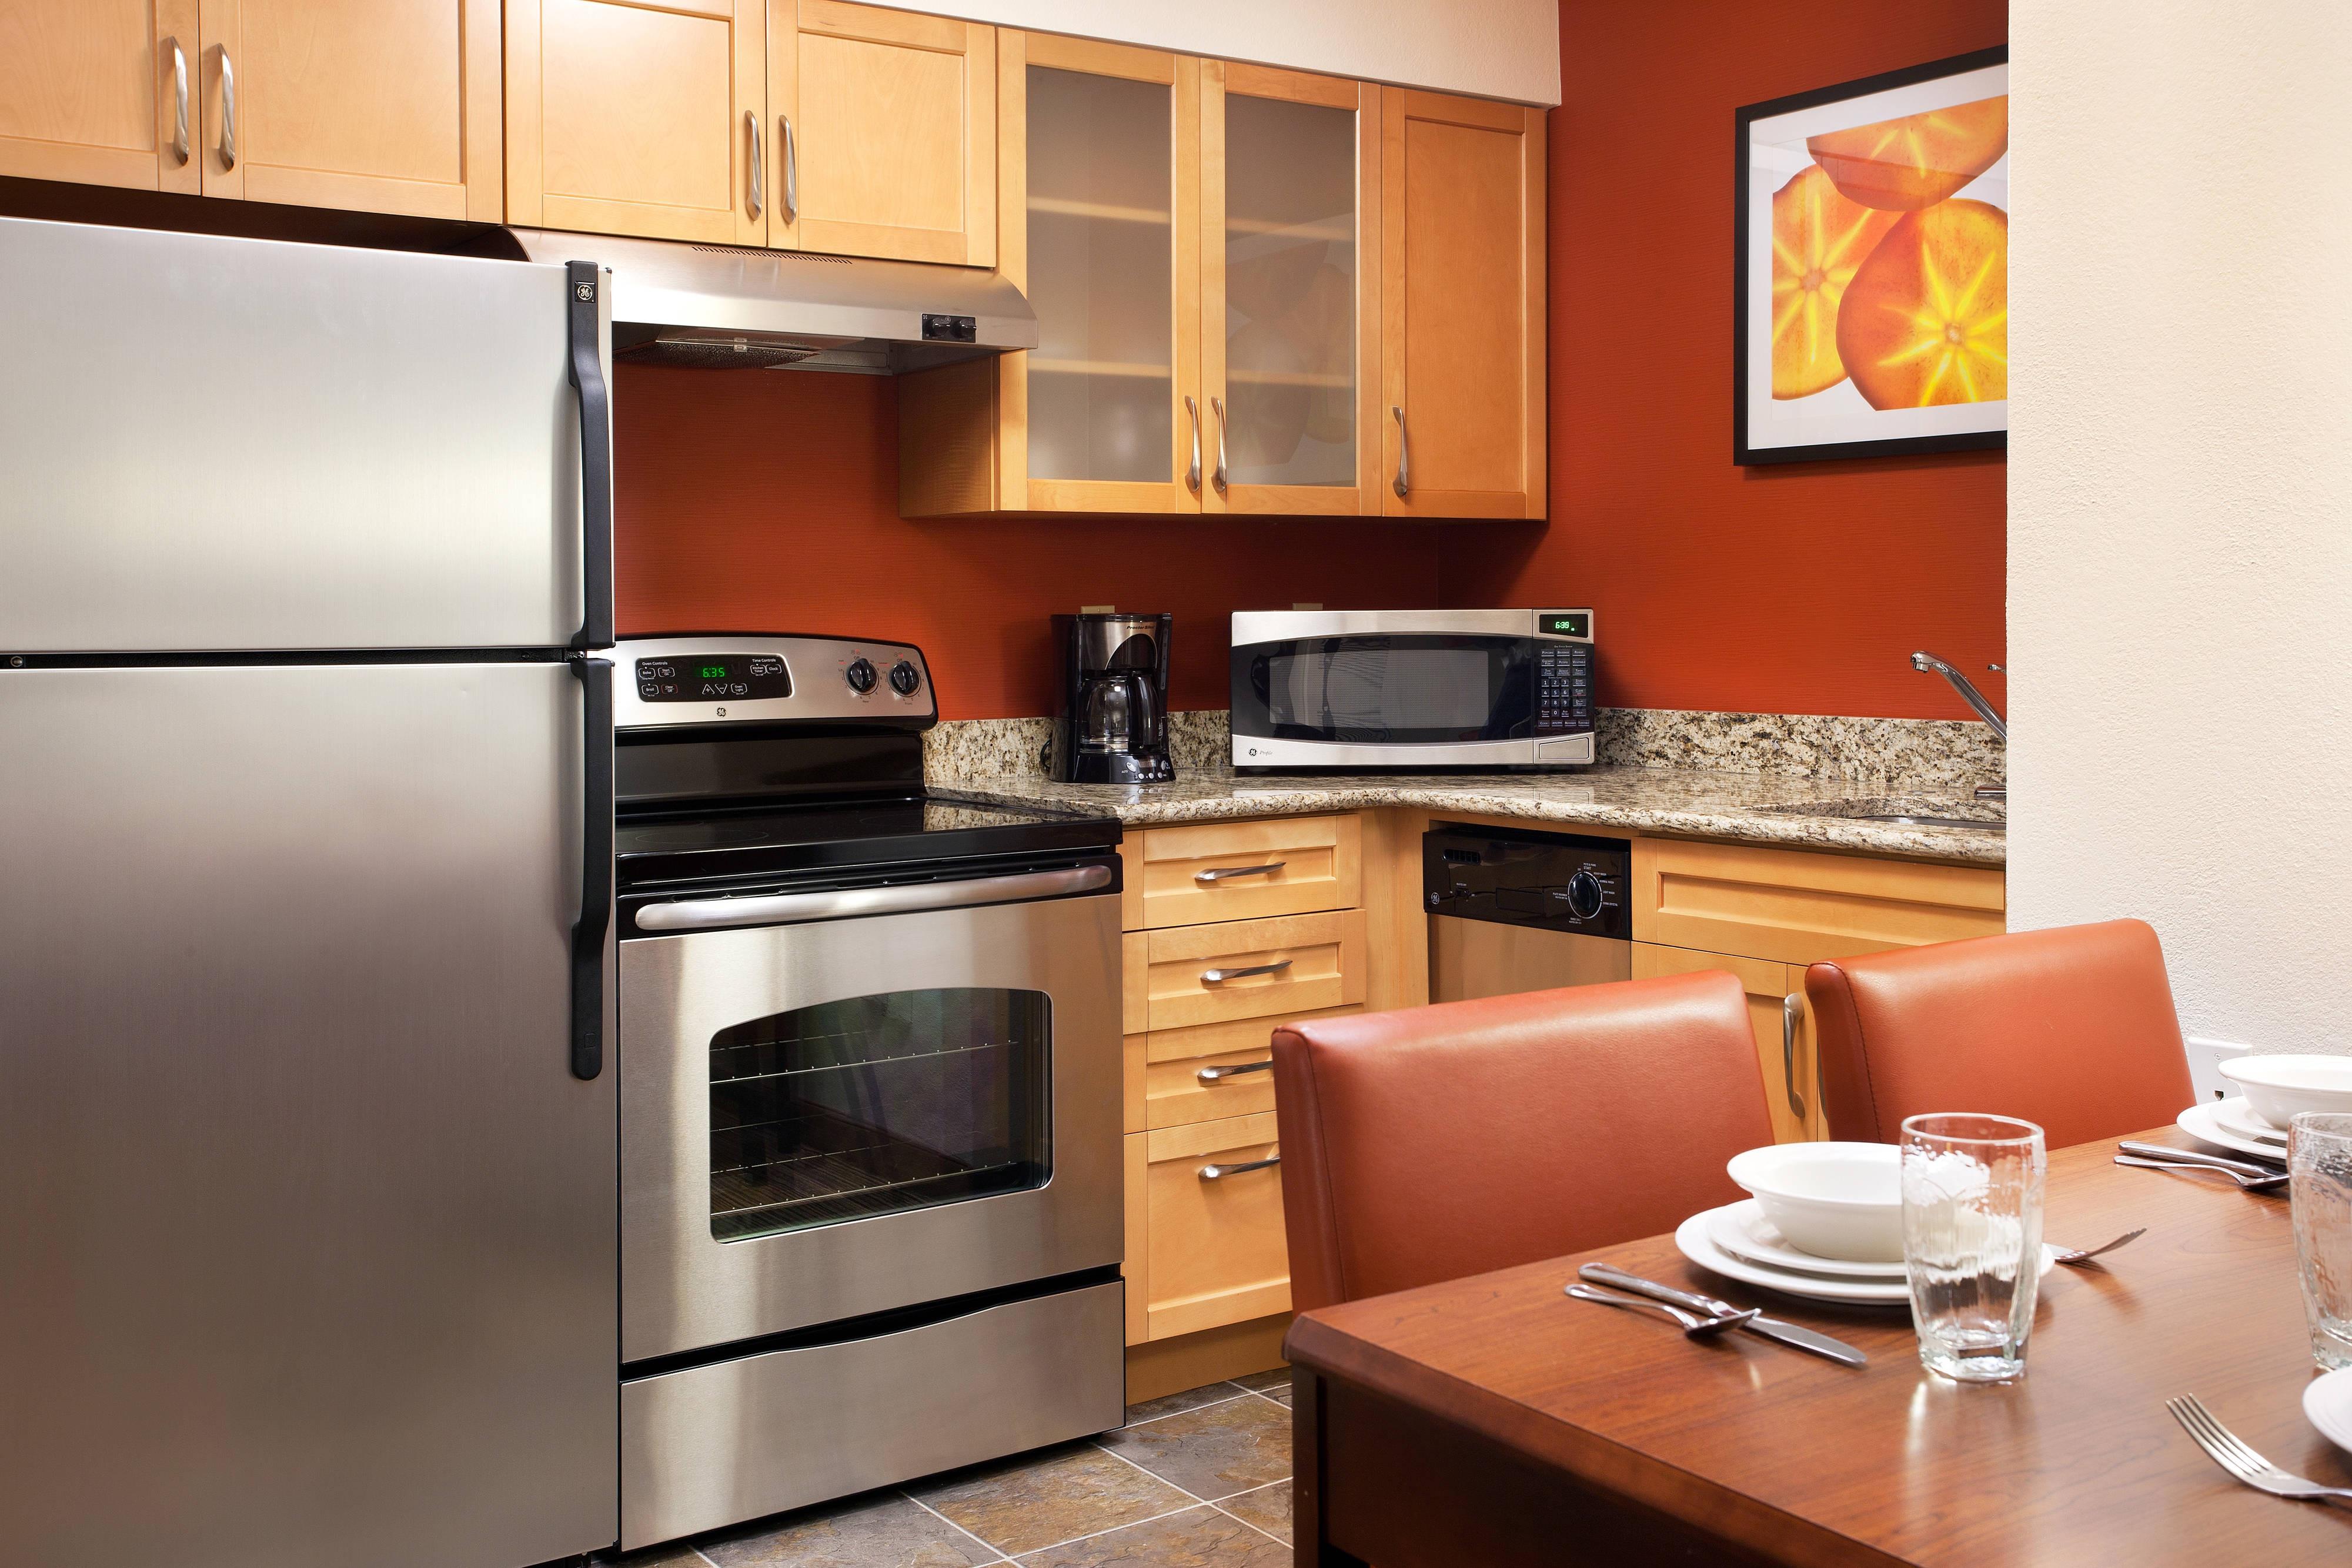 Cocina de la suite del hotel en San Antonio